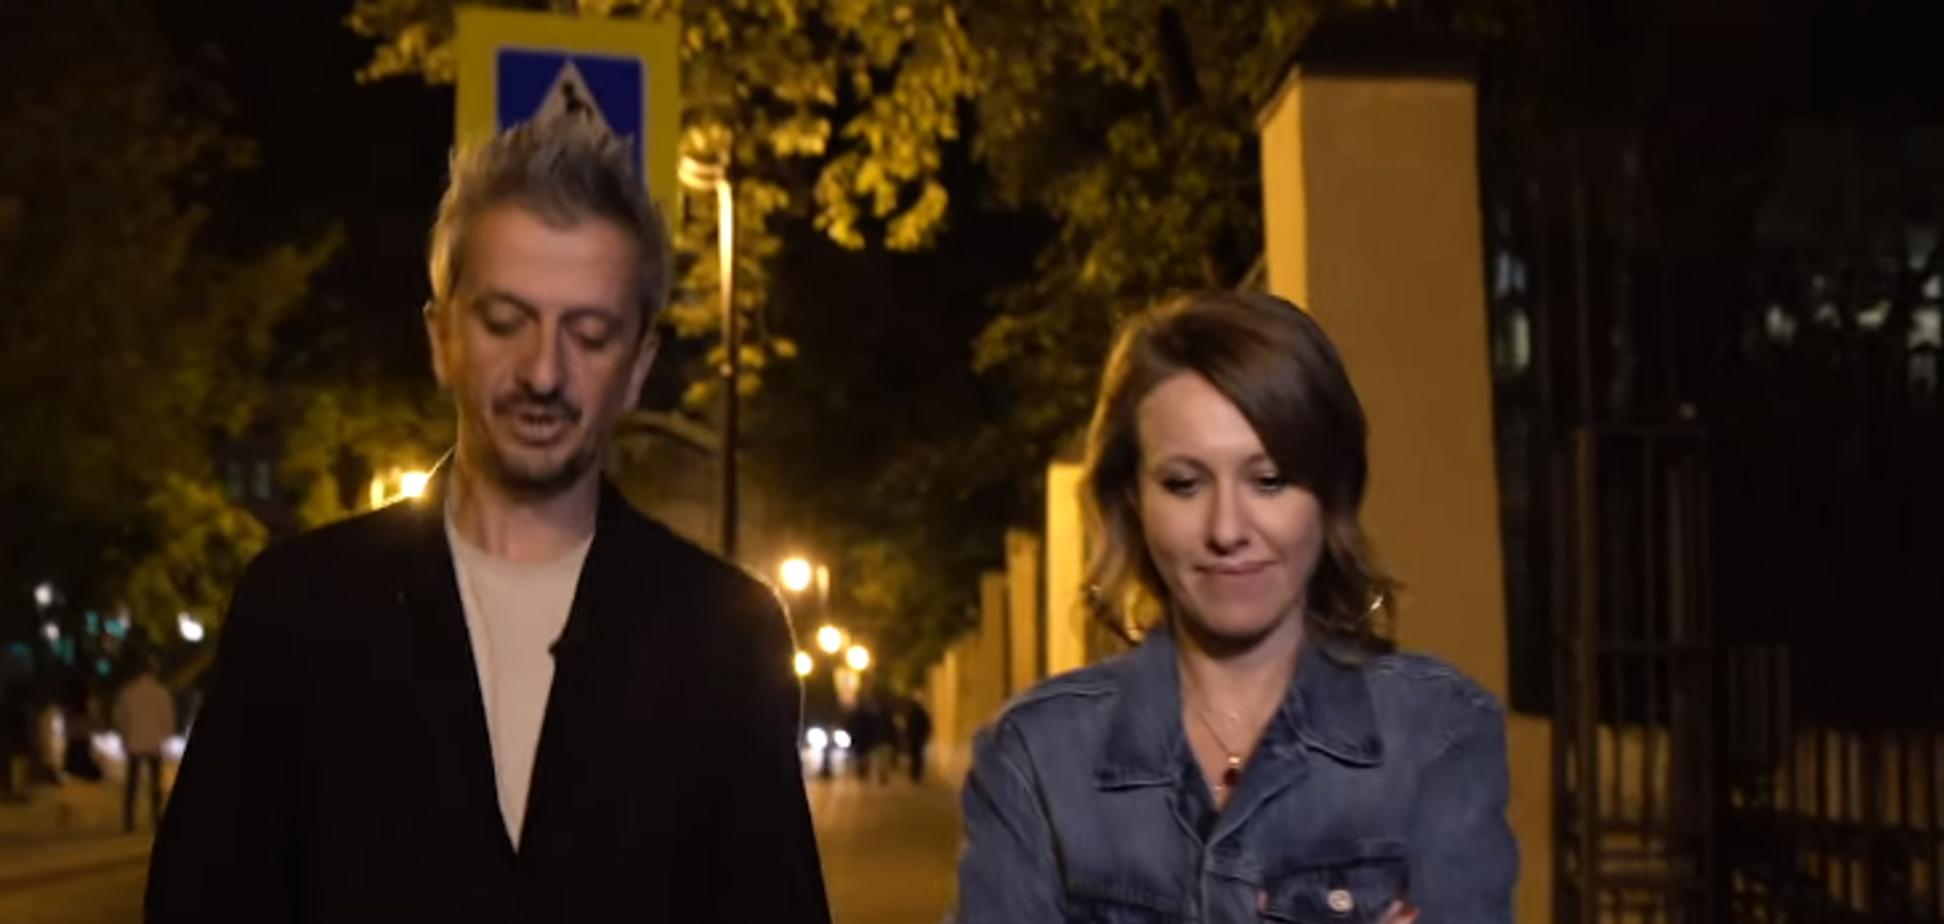 'Все на місці': в мережі підігріли чутки про вагітність Собчак